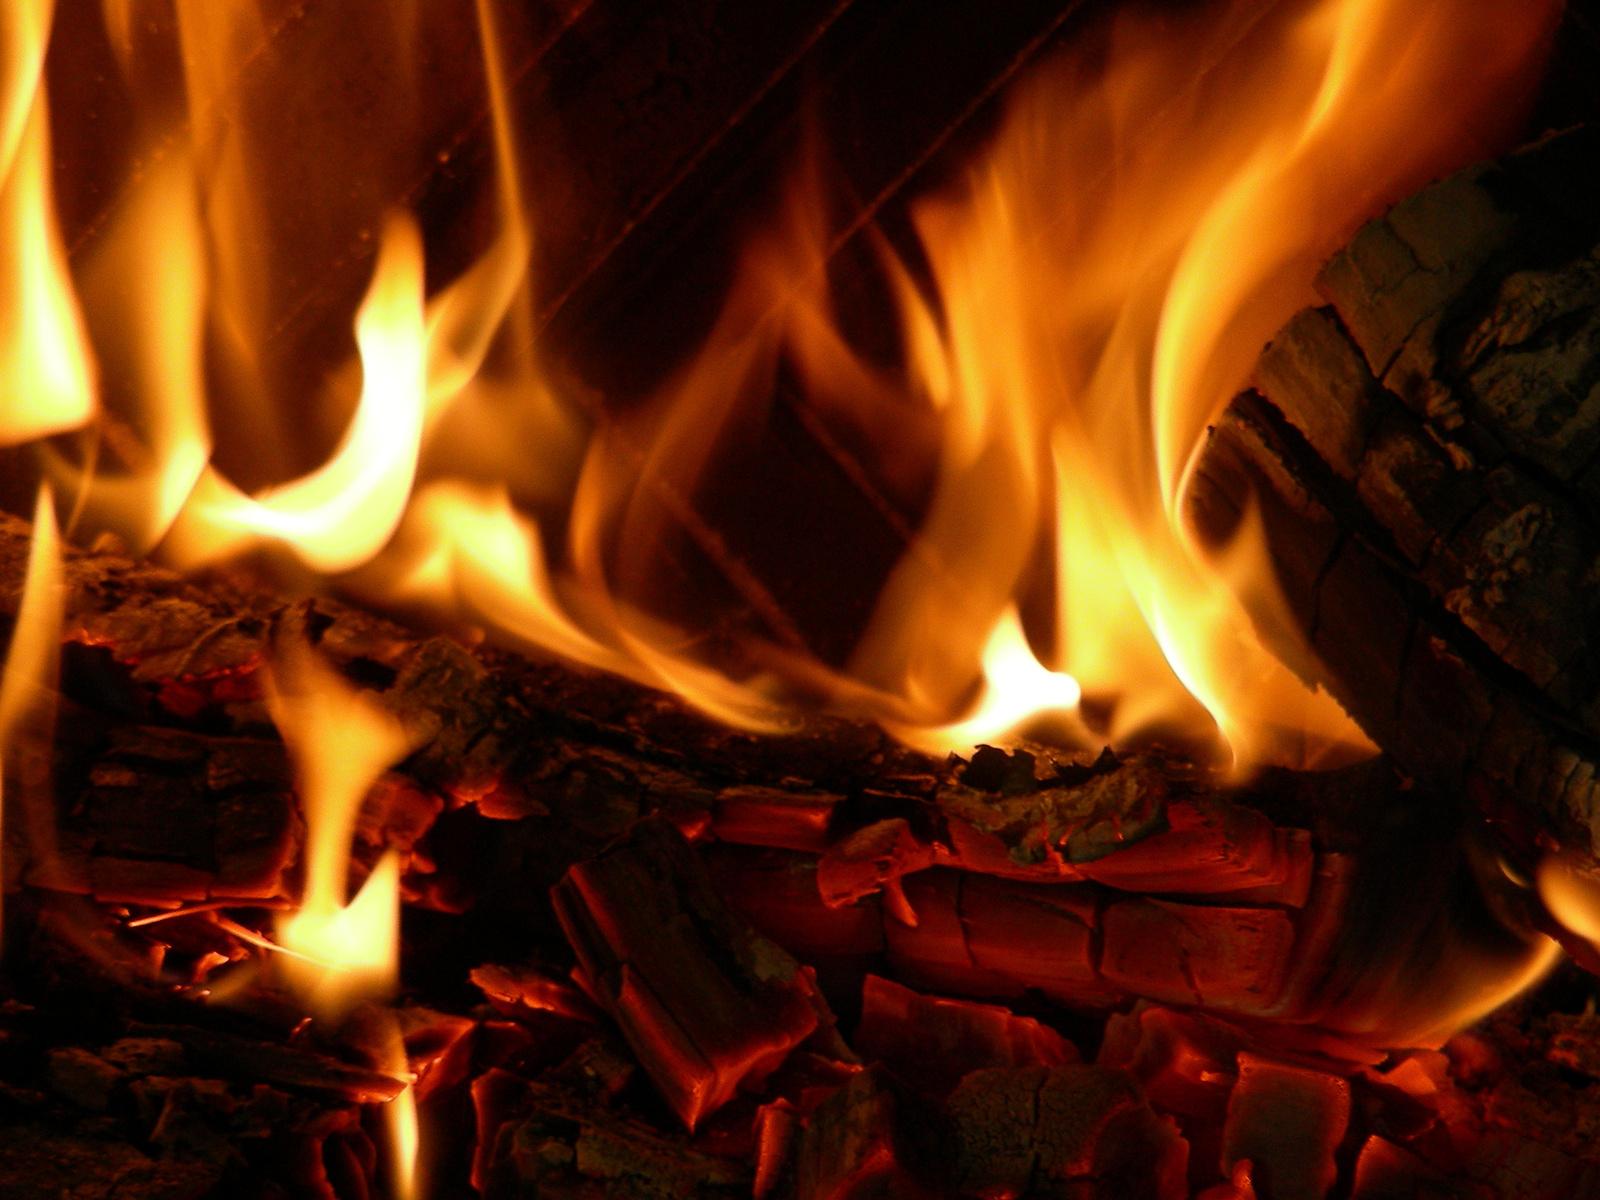 fireplace-1426418-1600x1200